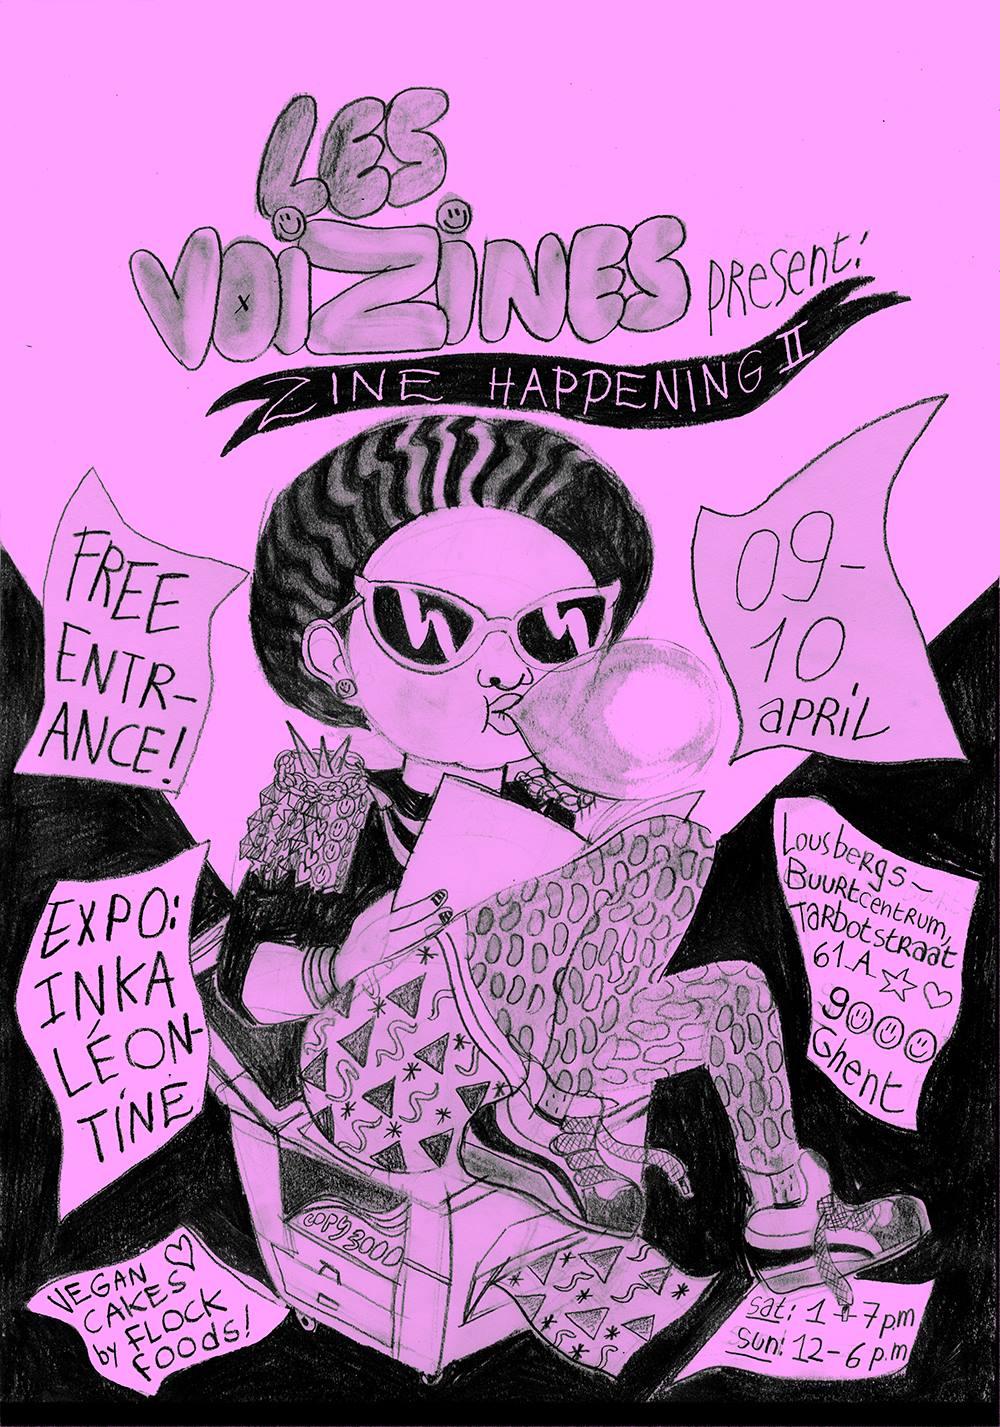 Poster by Valentine Gallardo